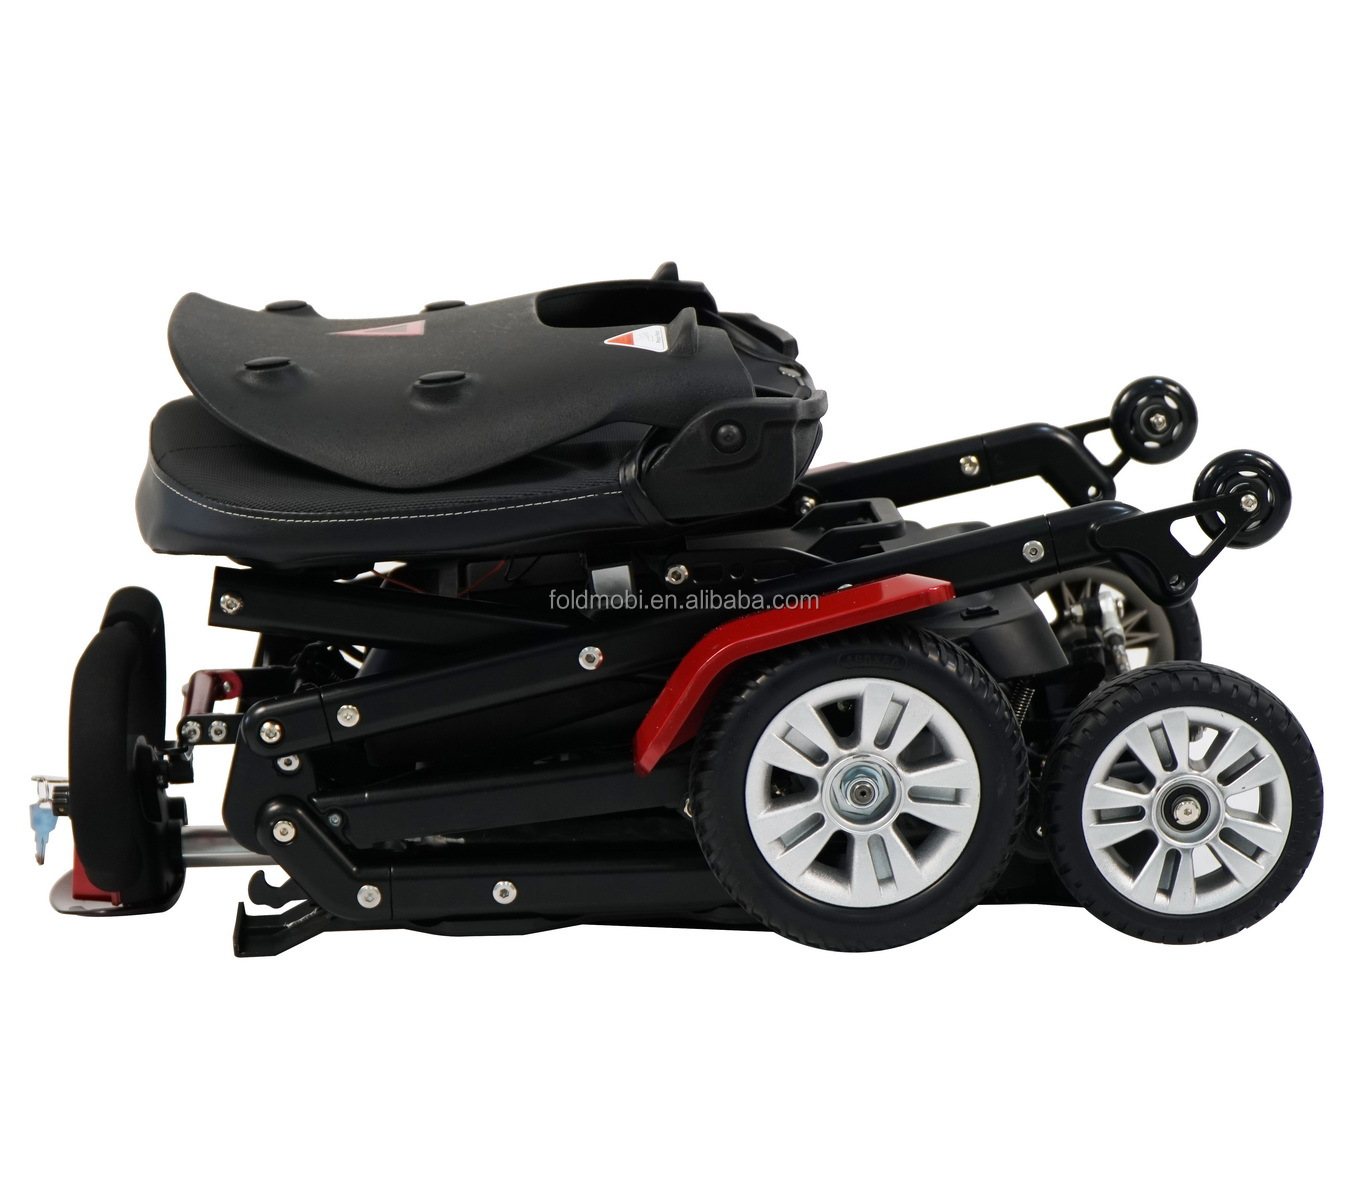 저렴한 가격 전기 스쿠터 foldable 휴대용 스쿠터 여행 이동성 스쿠터